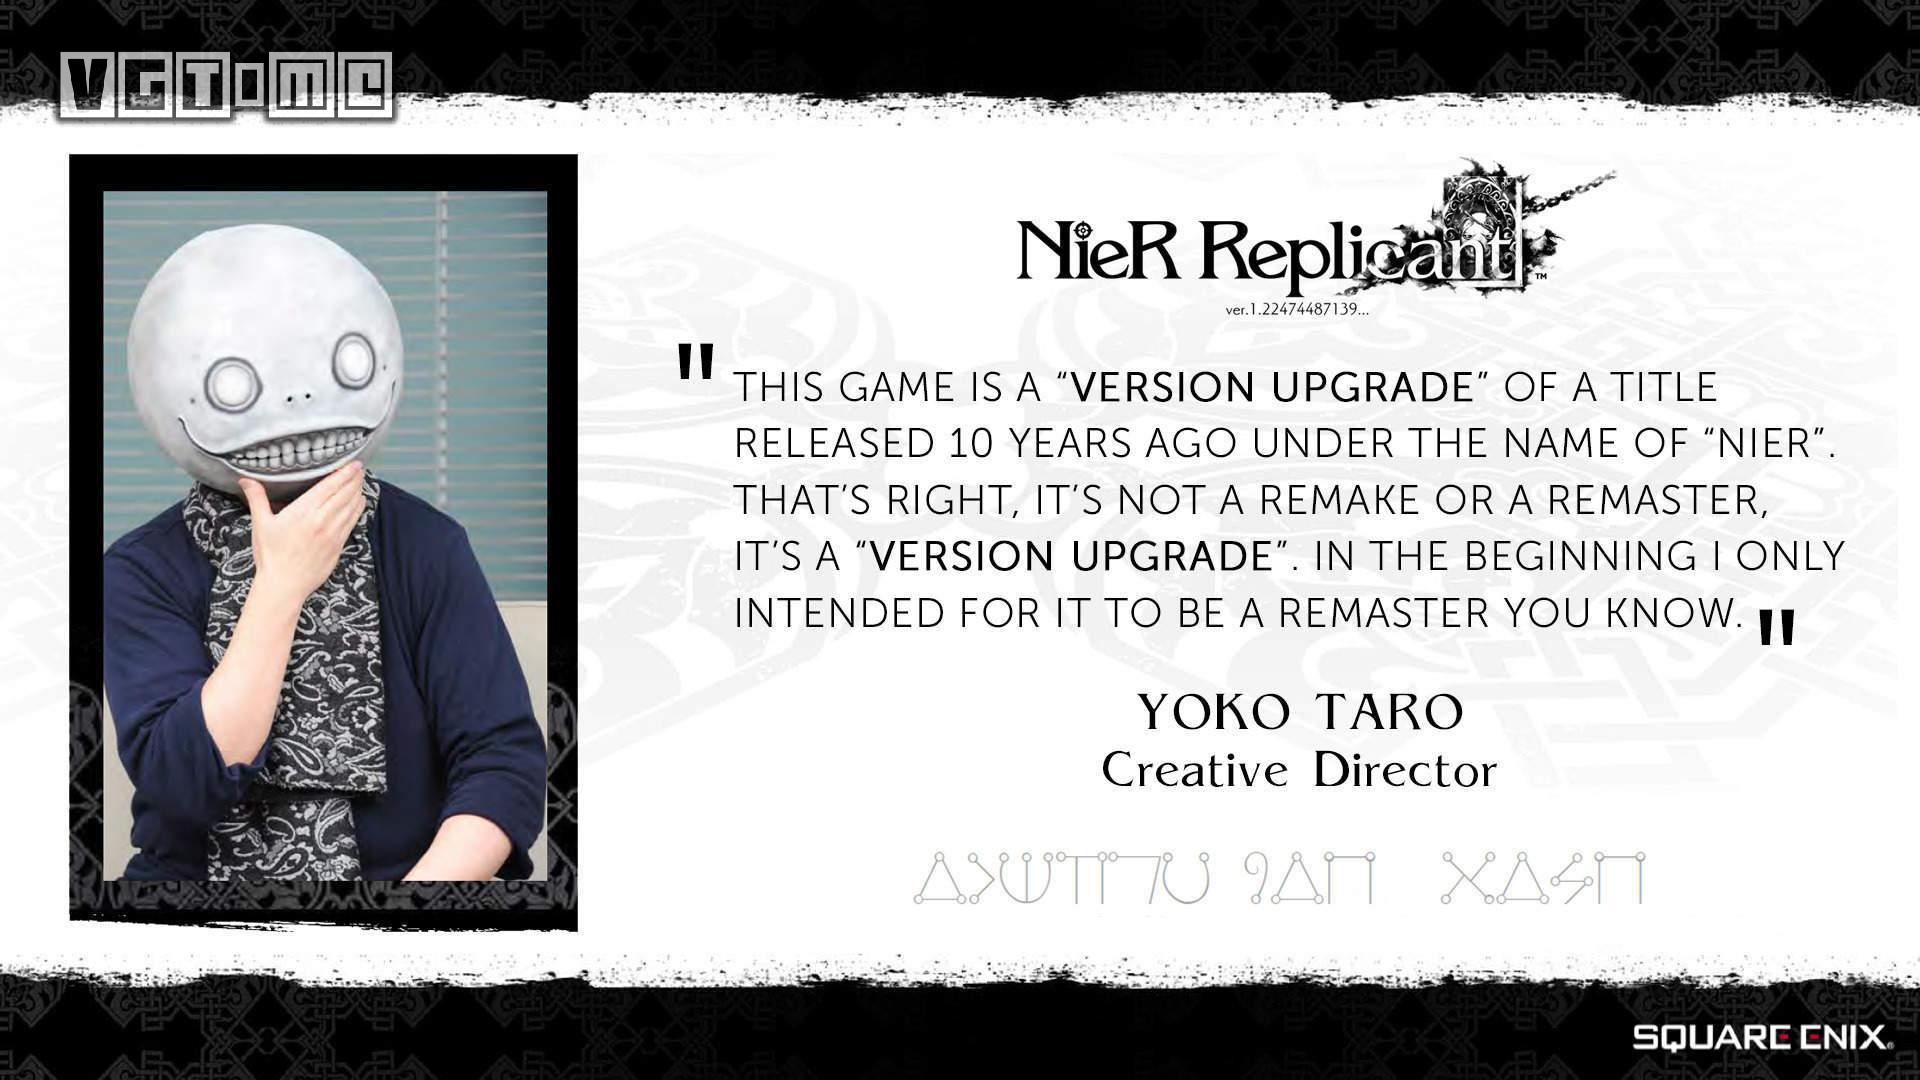 横尾太郎:《尼尔 机械军团》的成功只是侥幸,不认为《尼尔 人工生命 升级版》…